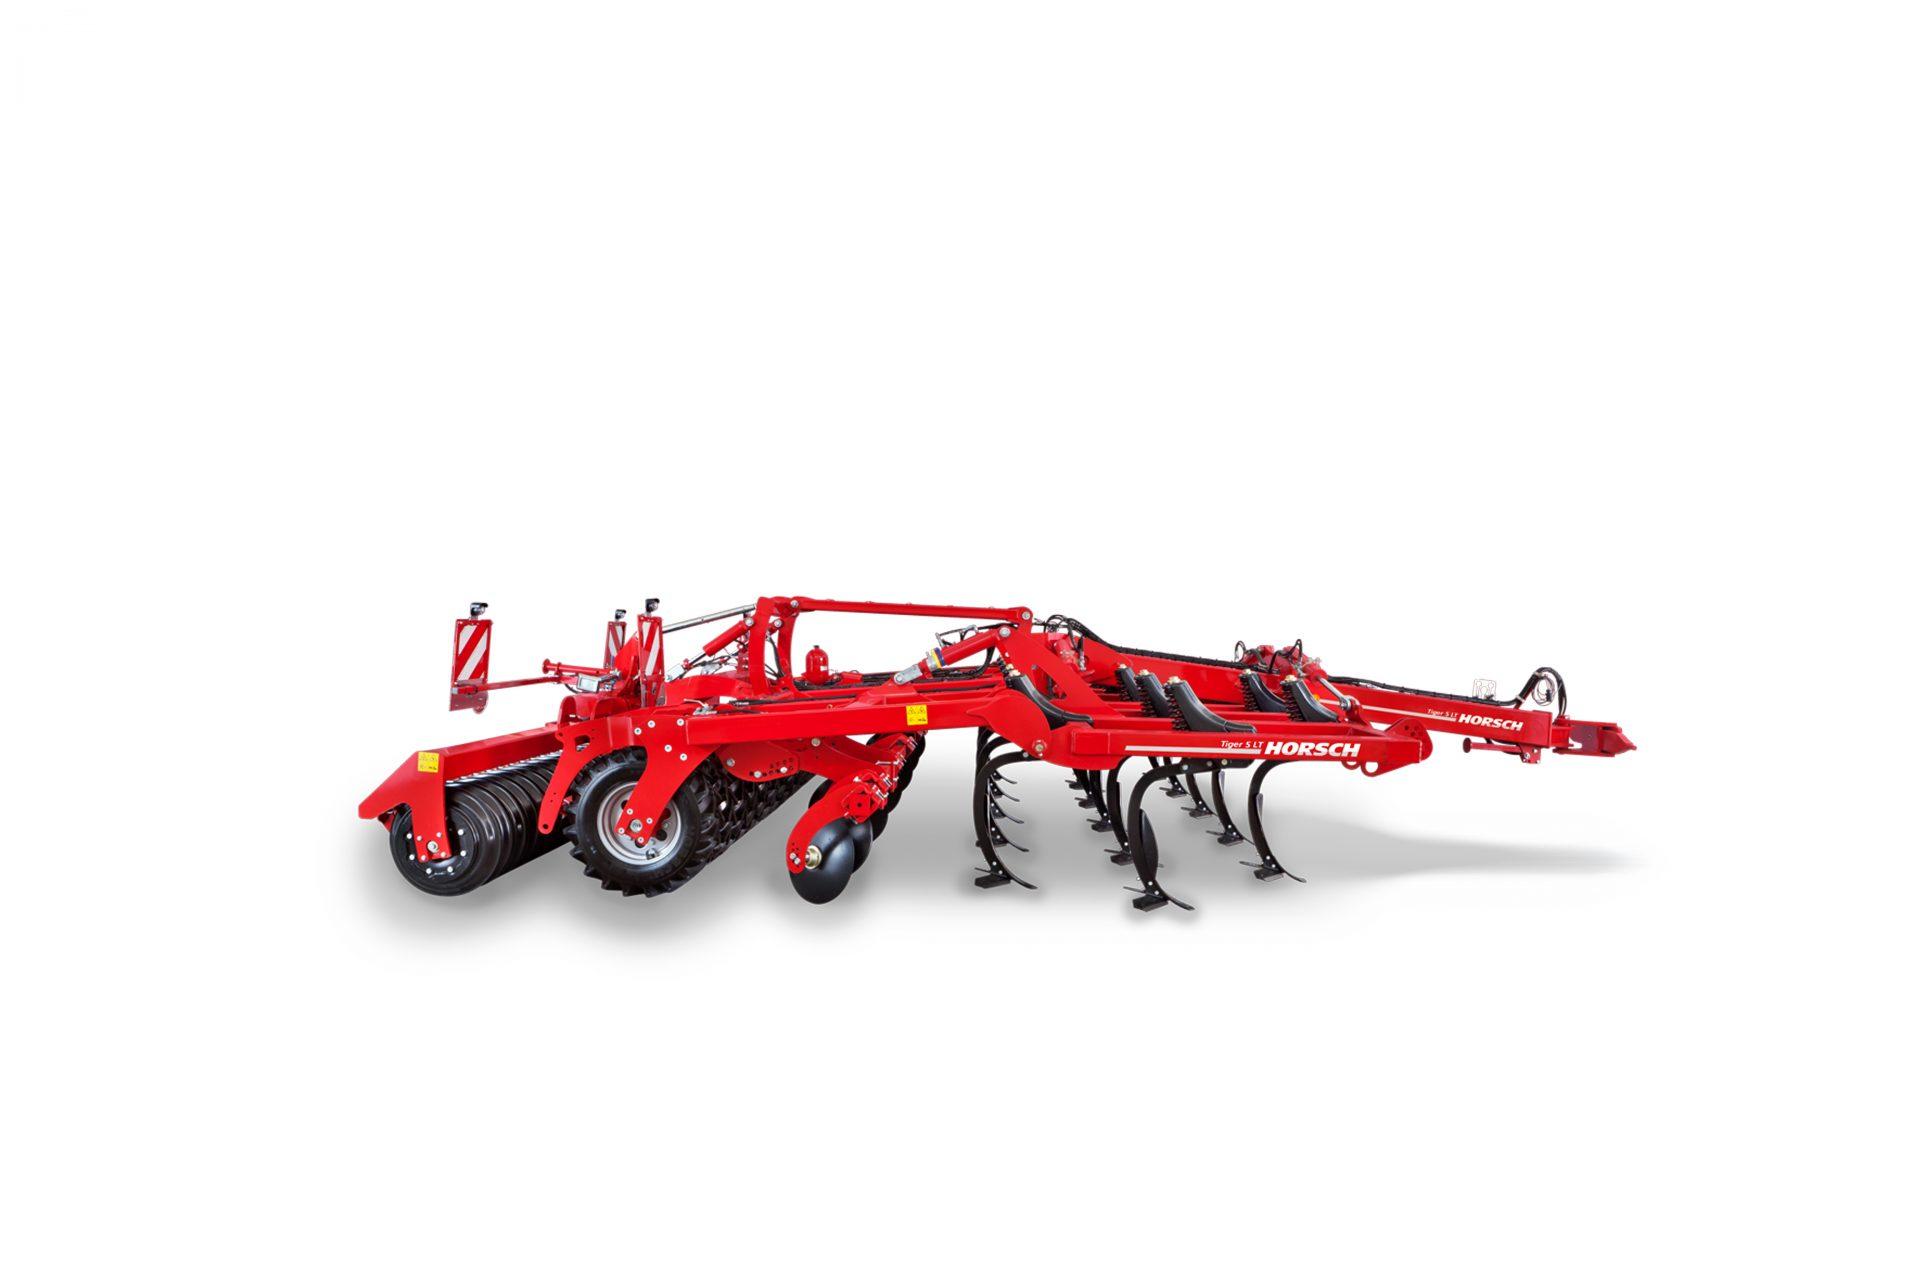 Cultivator Horsch TIGER LT